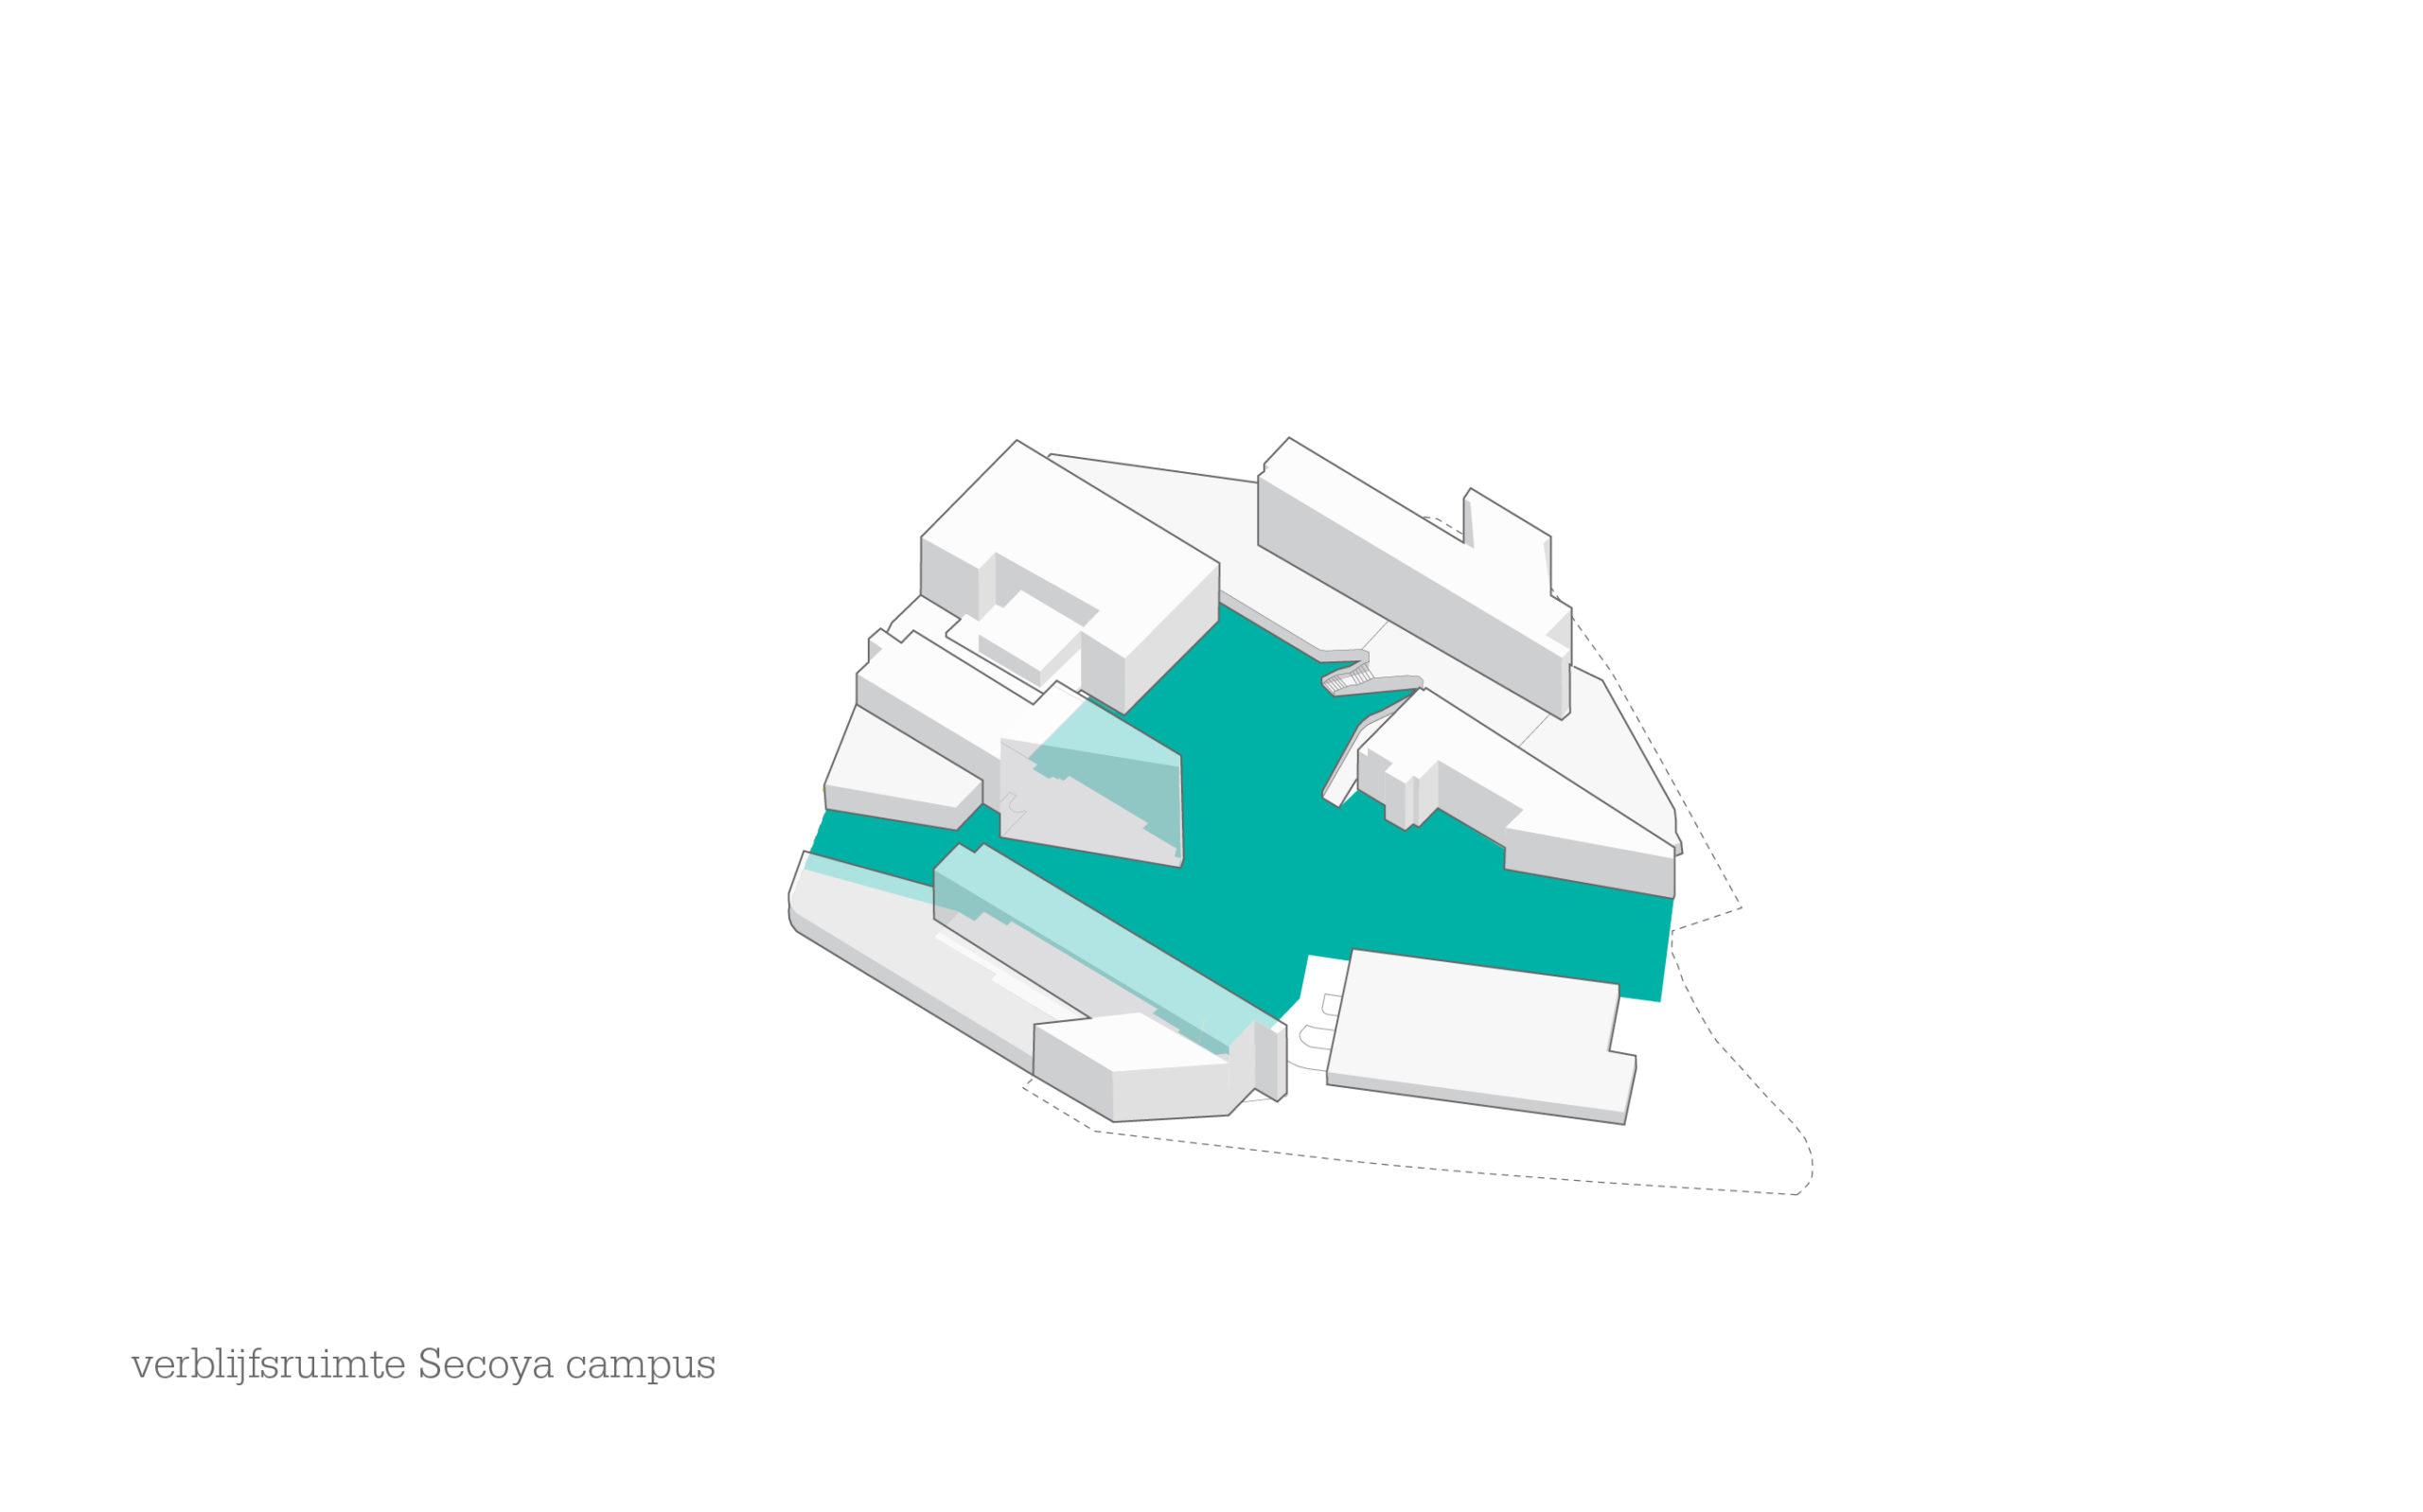 1601-Secoya Campus Utrecht_05-verblijfsruimte